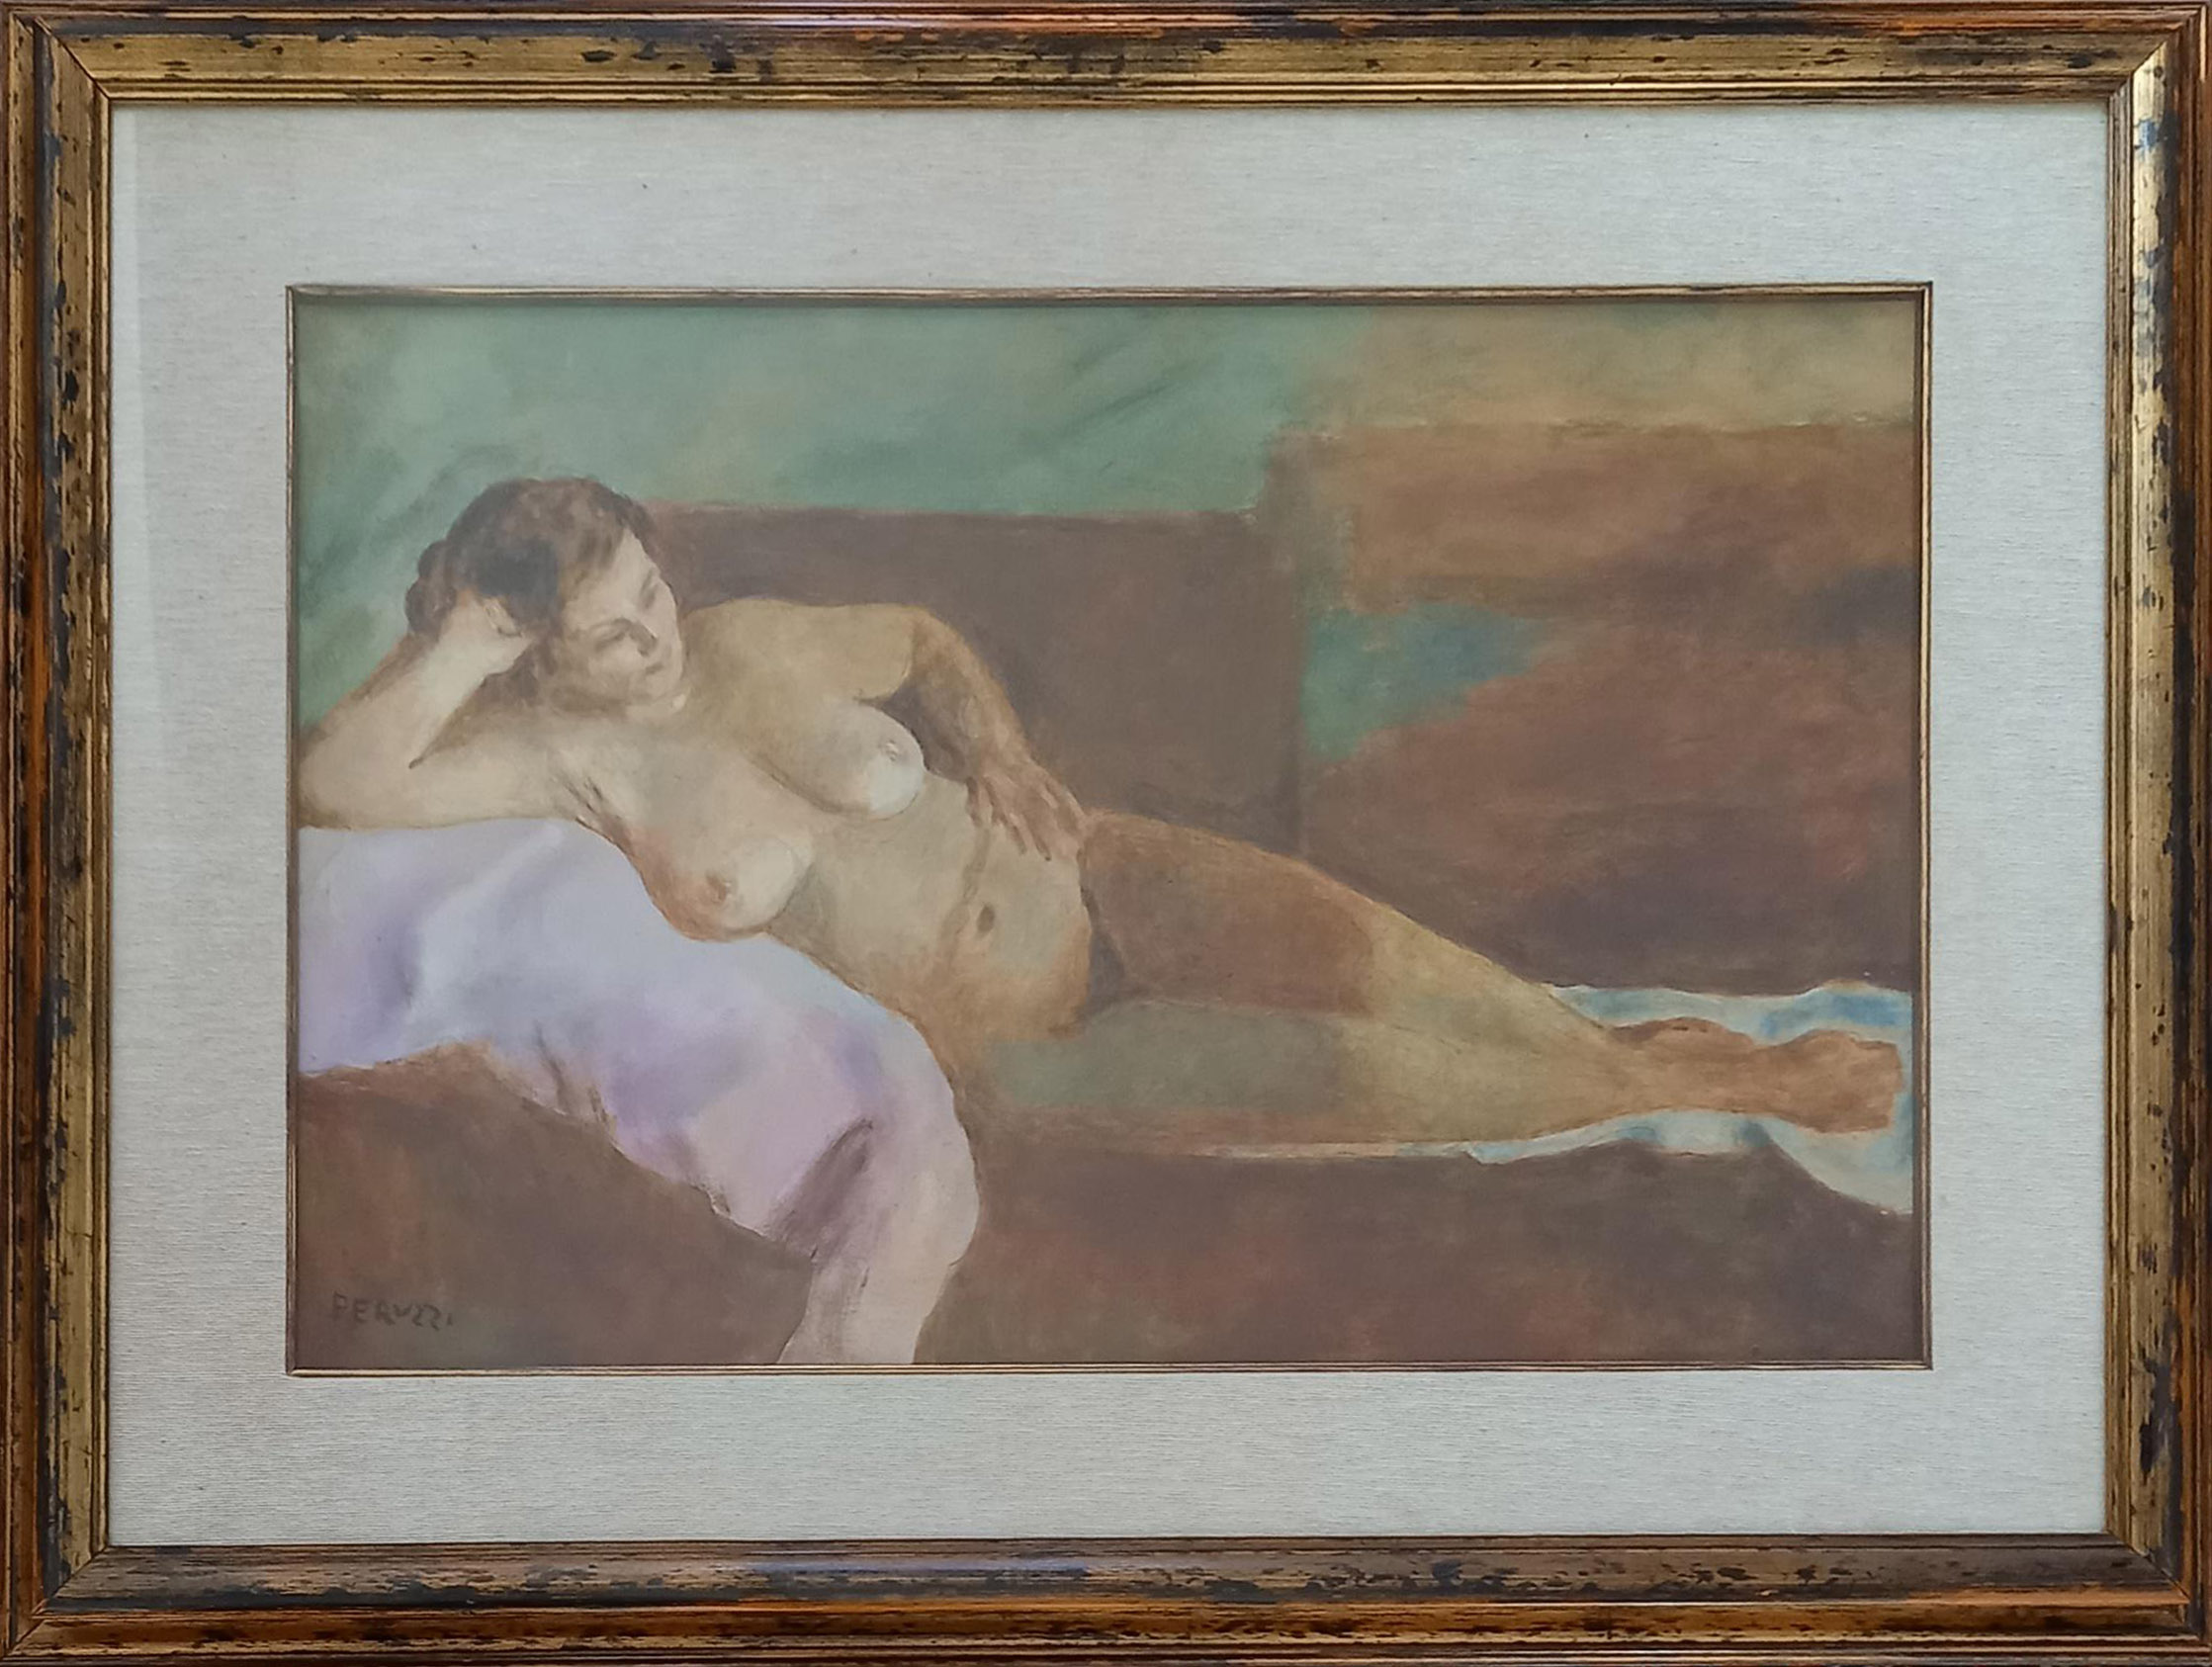 Cesare Peruzzi – Nudo disteso